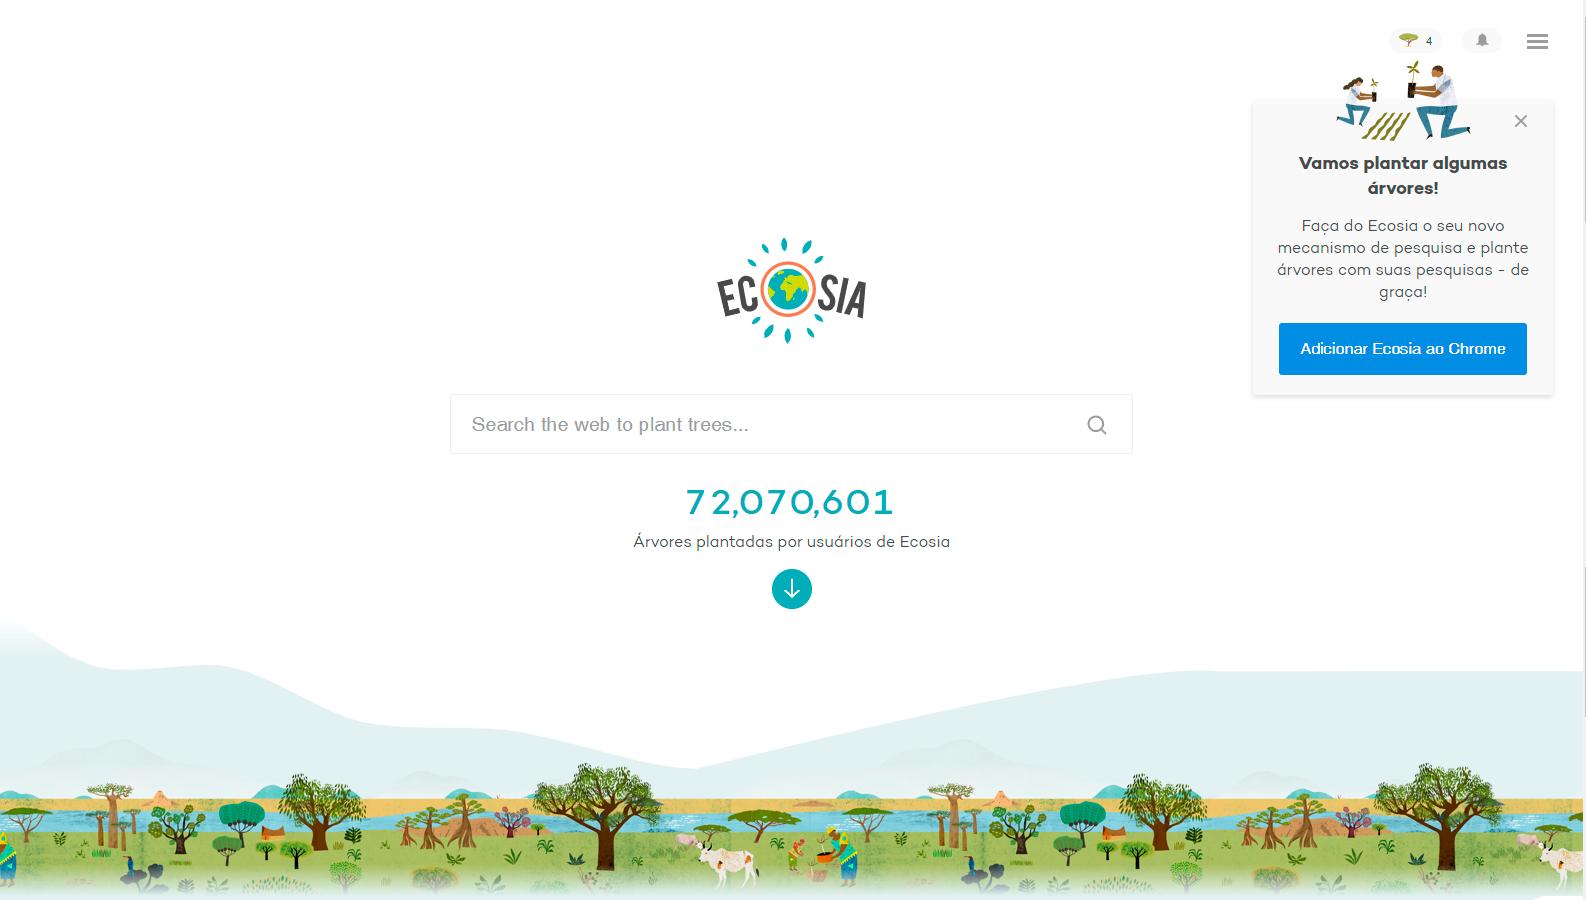 Site Ecosia - Mais de 70 milhões de árvores plantadas